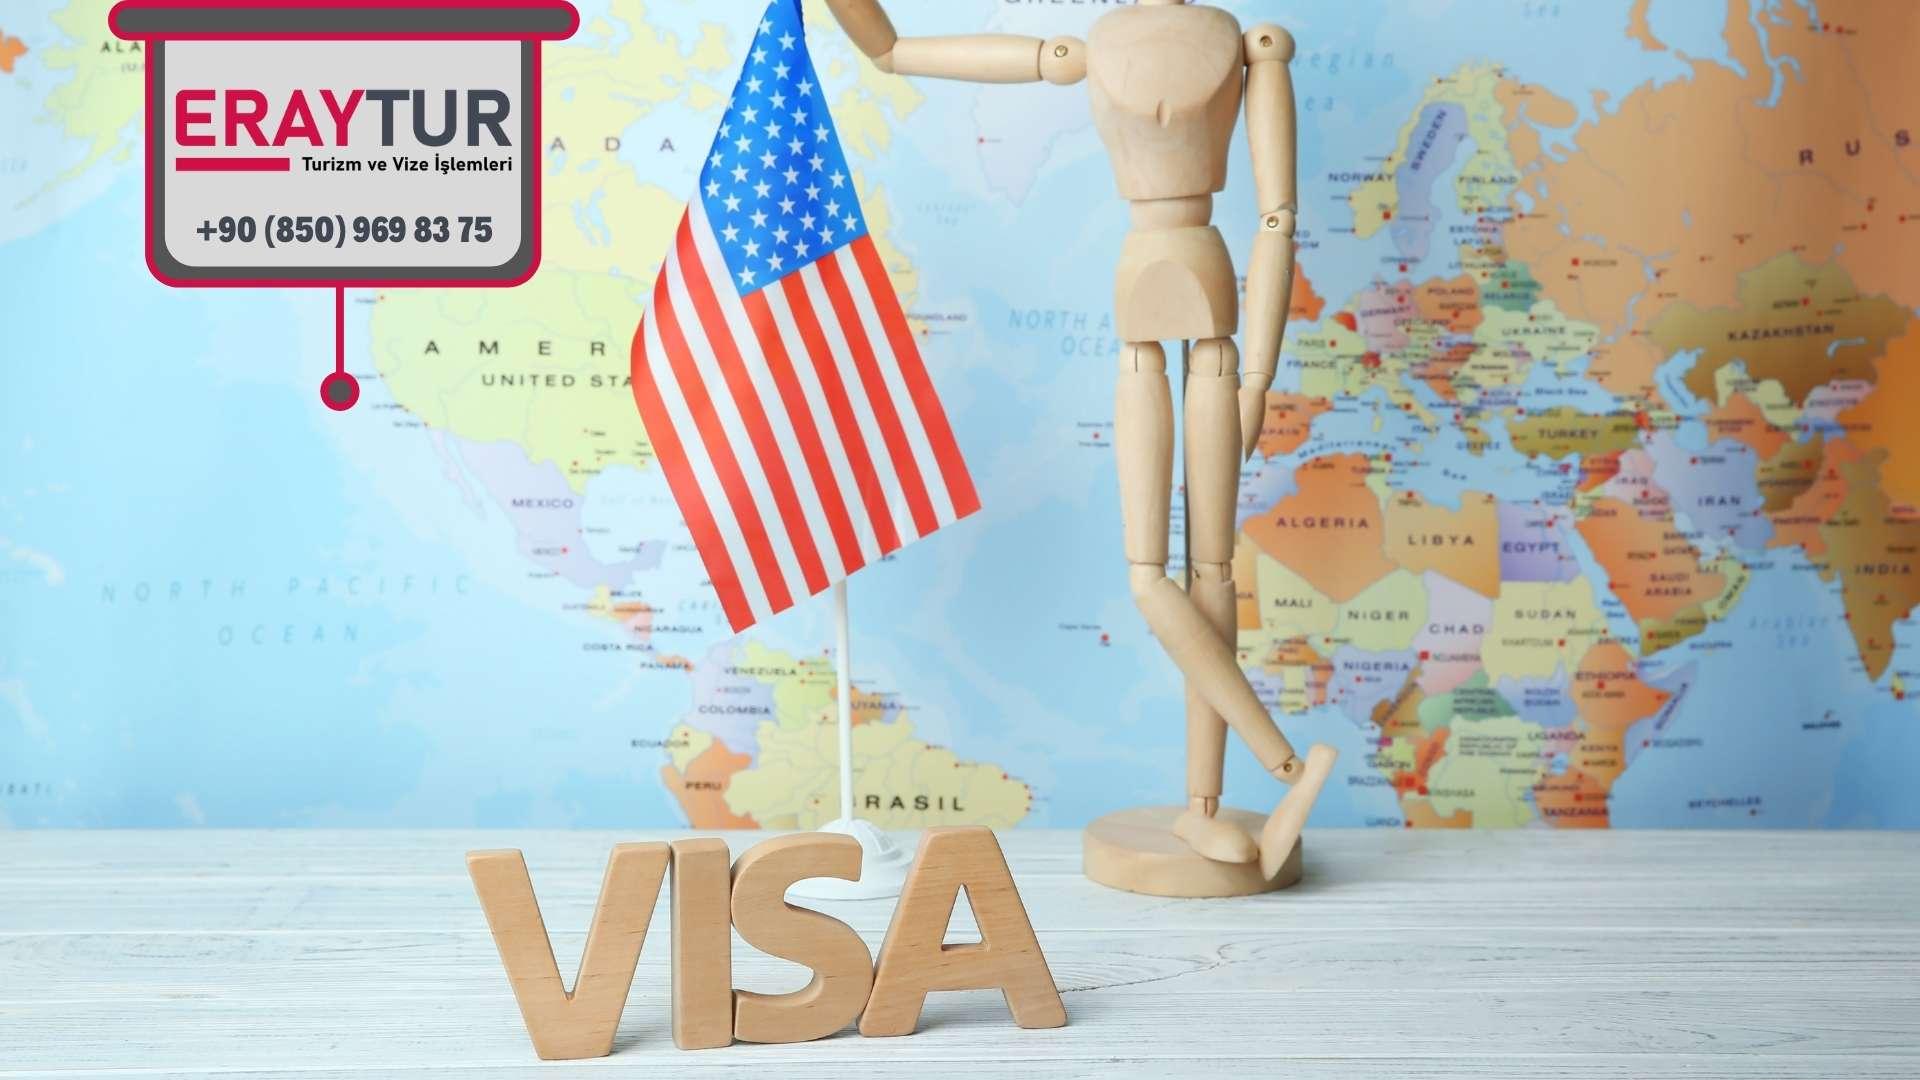 Amerika Vizesi İçin Gerekli Olan Evraklar Nelerdir?